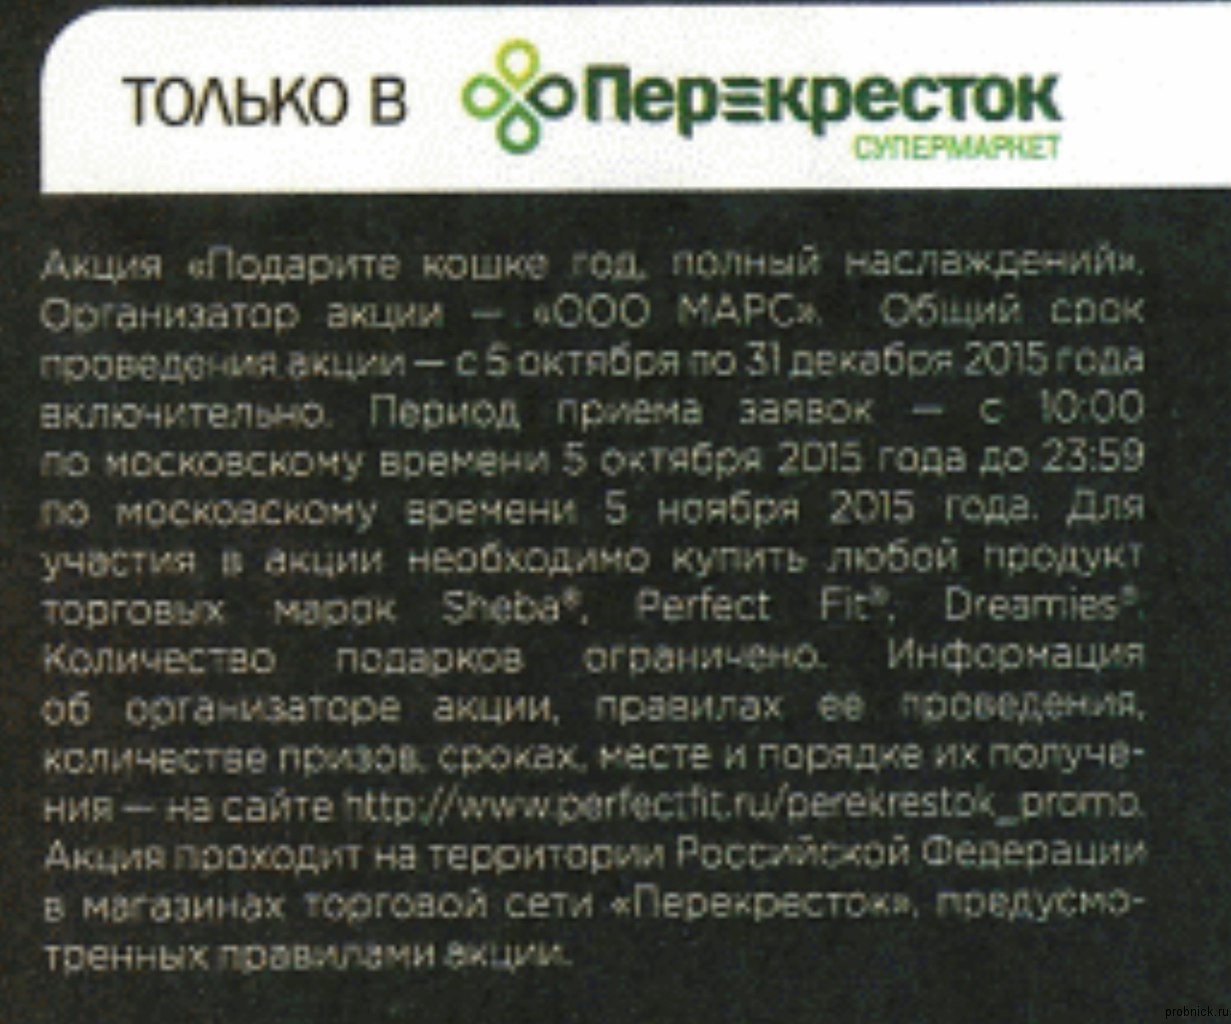 perekrestok_korm_dlya_koshek1